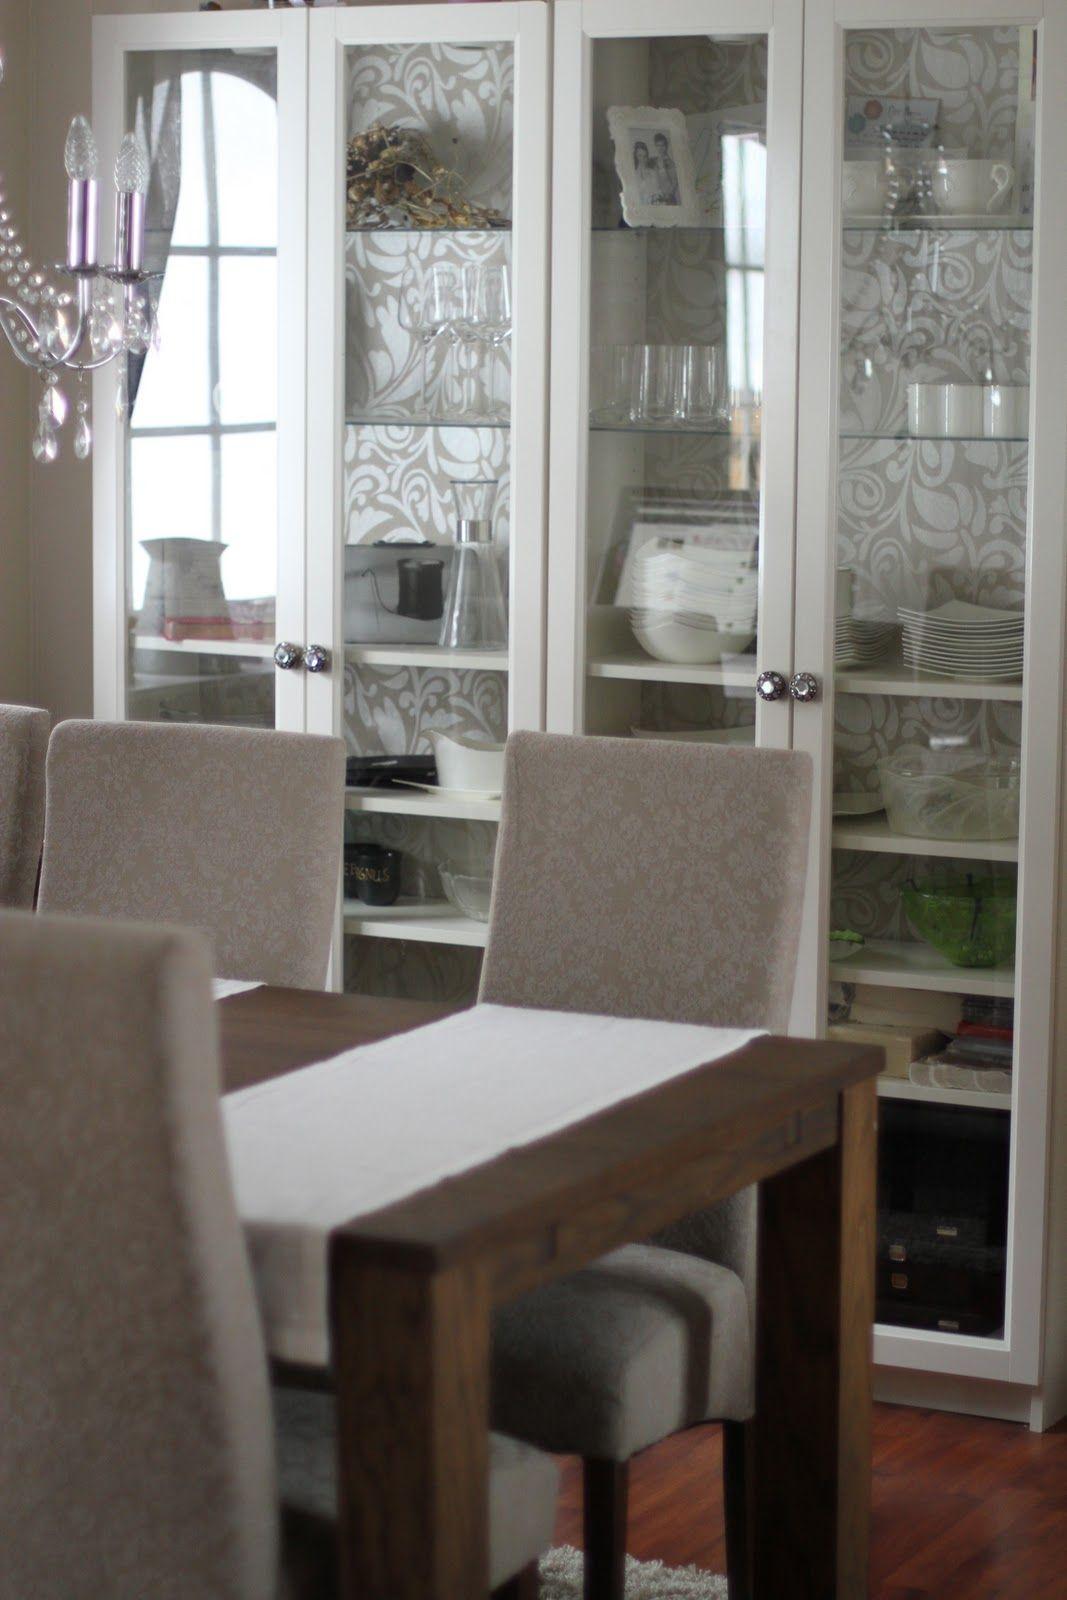 ikea billy with glass doors ikea pinterest wohnzimmer haus und garten und wohnideen. Black Bedroom Furniture Sets. Home Design Ideas